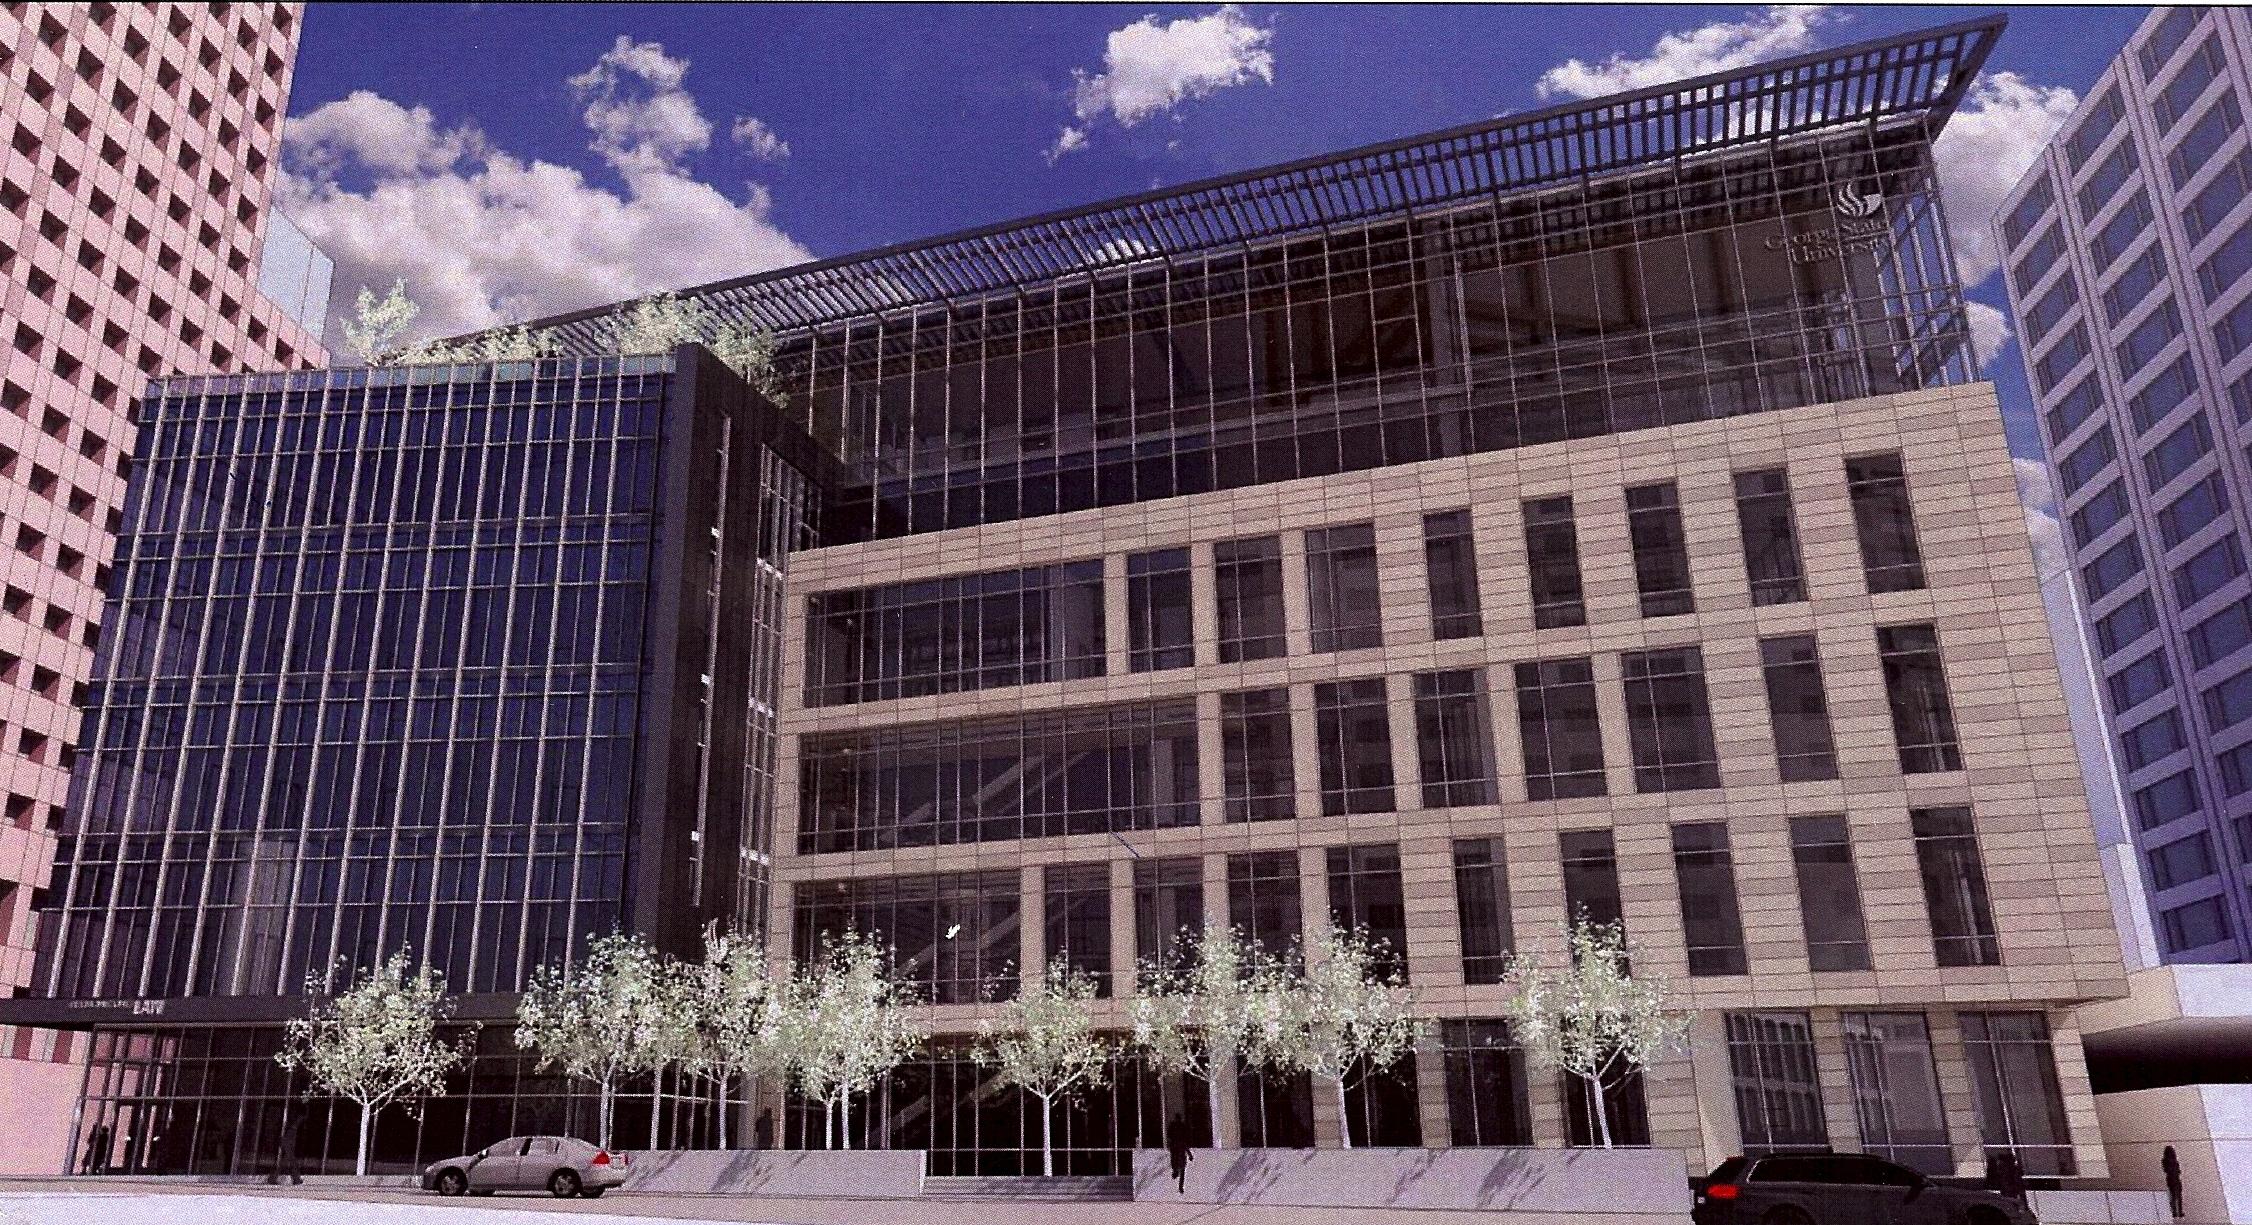 Downtown Atlanta's Georgia State University – Georgia Globe throughout School Holidays At Georgia State University